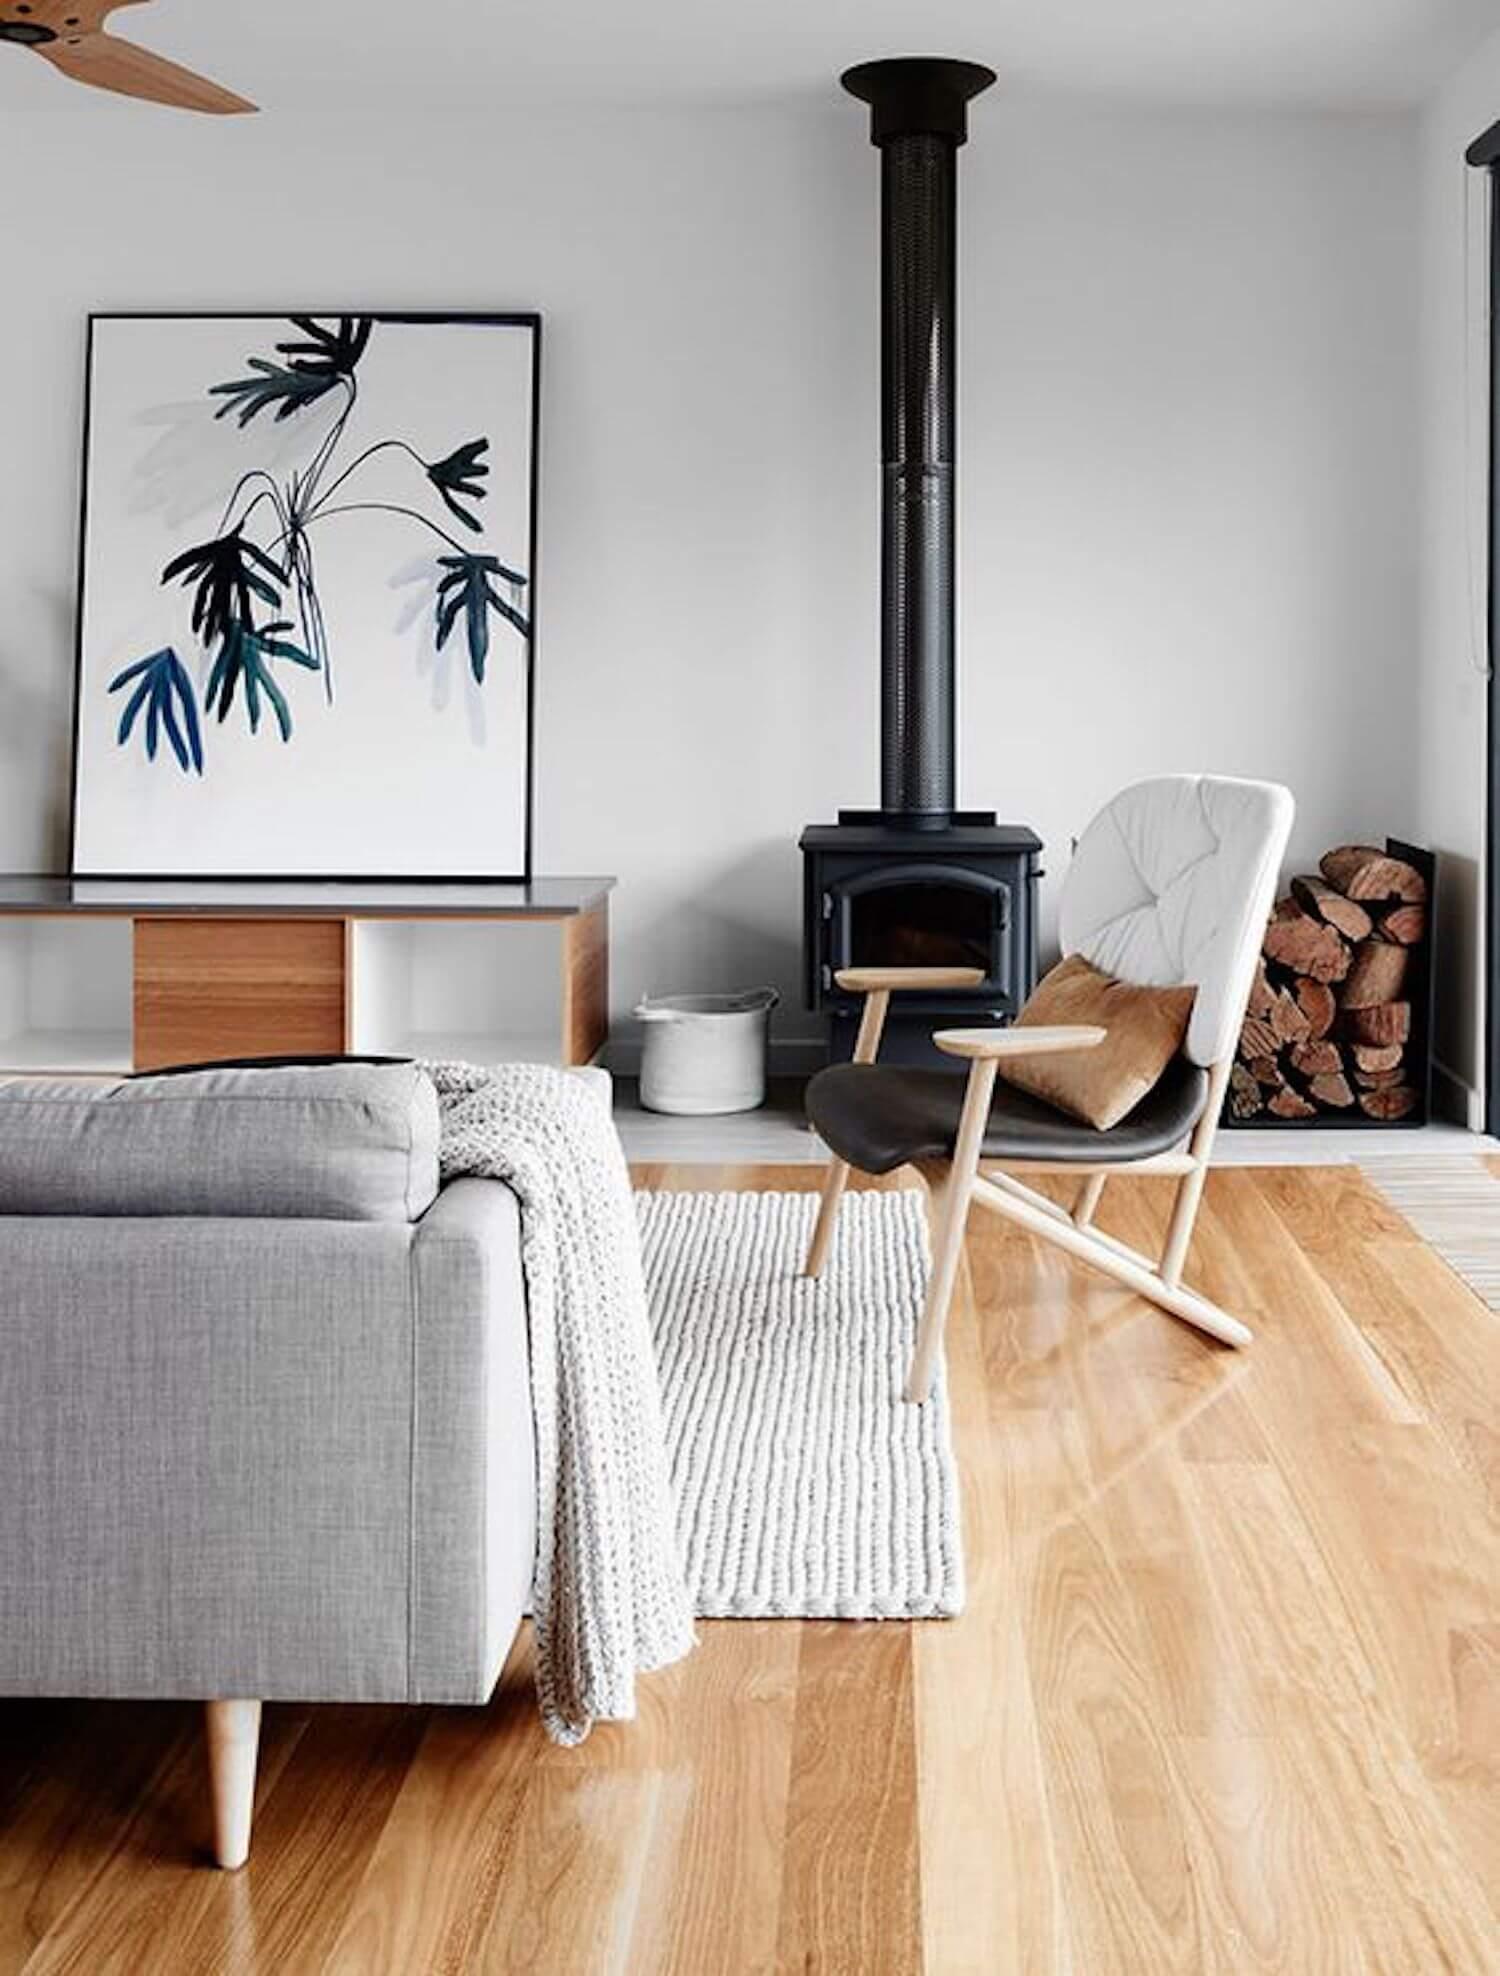 est edit favourite fireplaces renovation recce